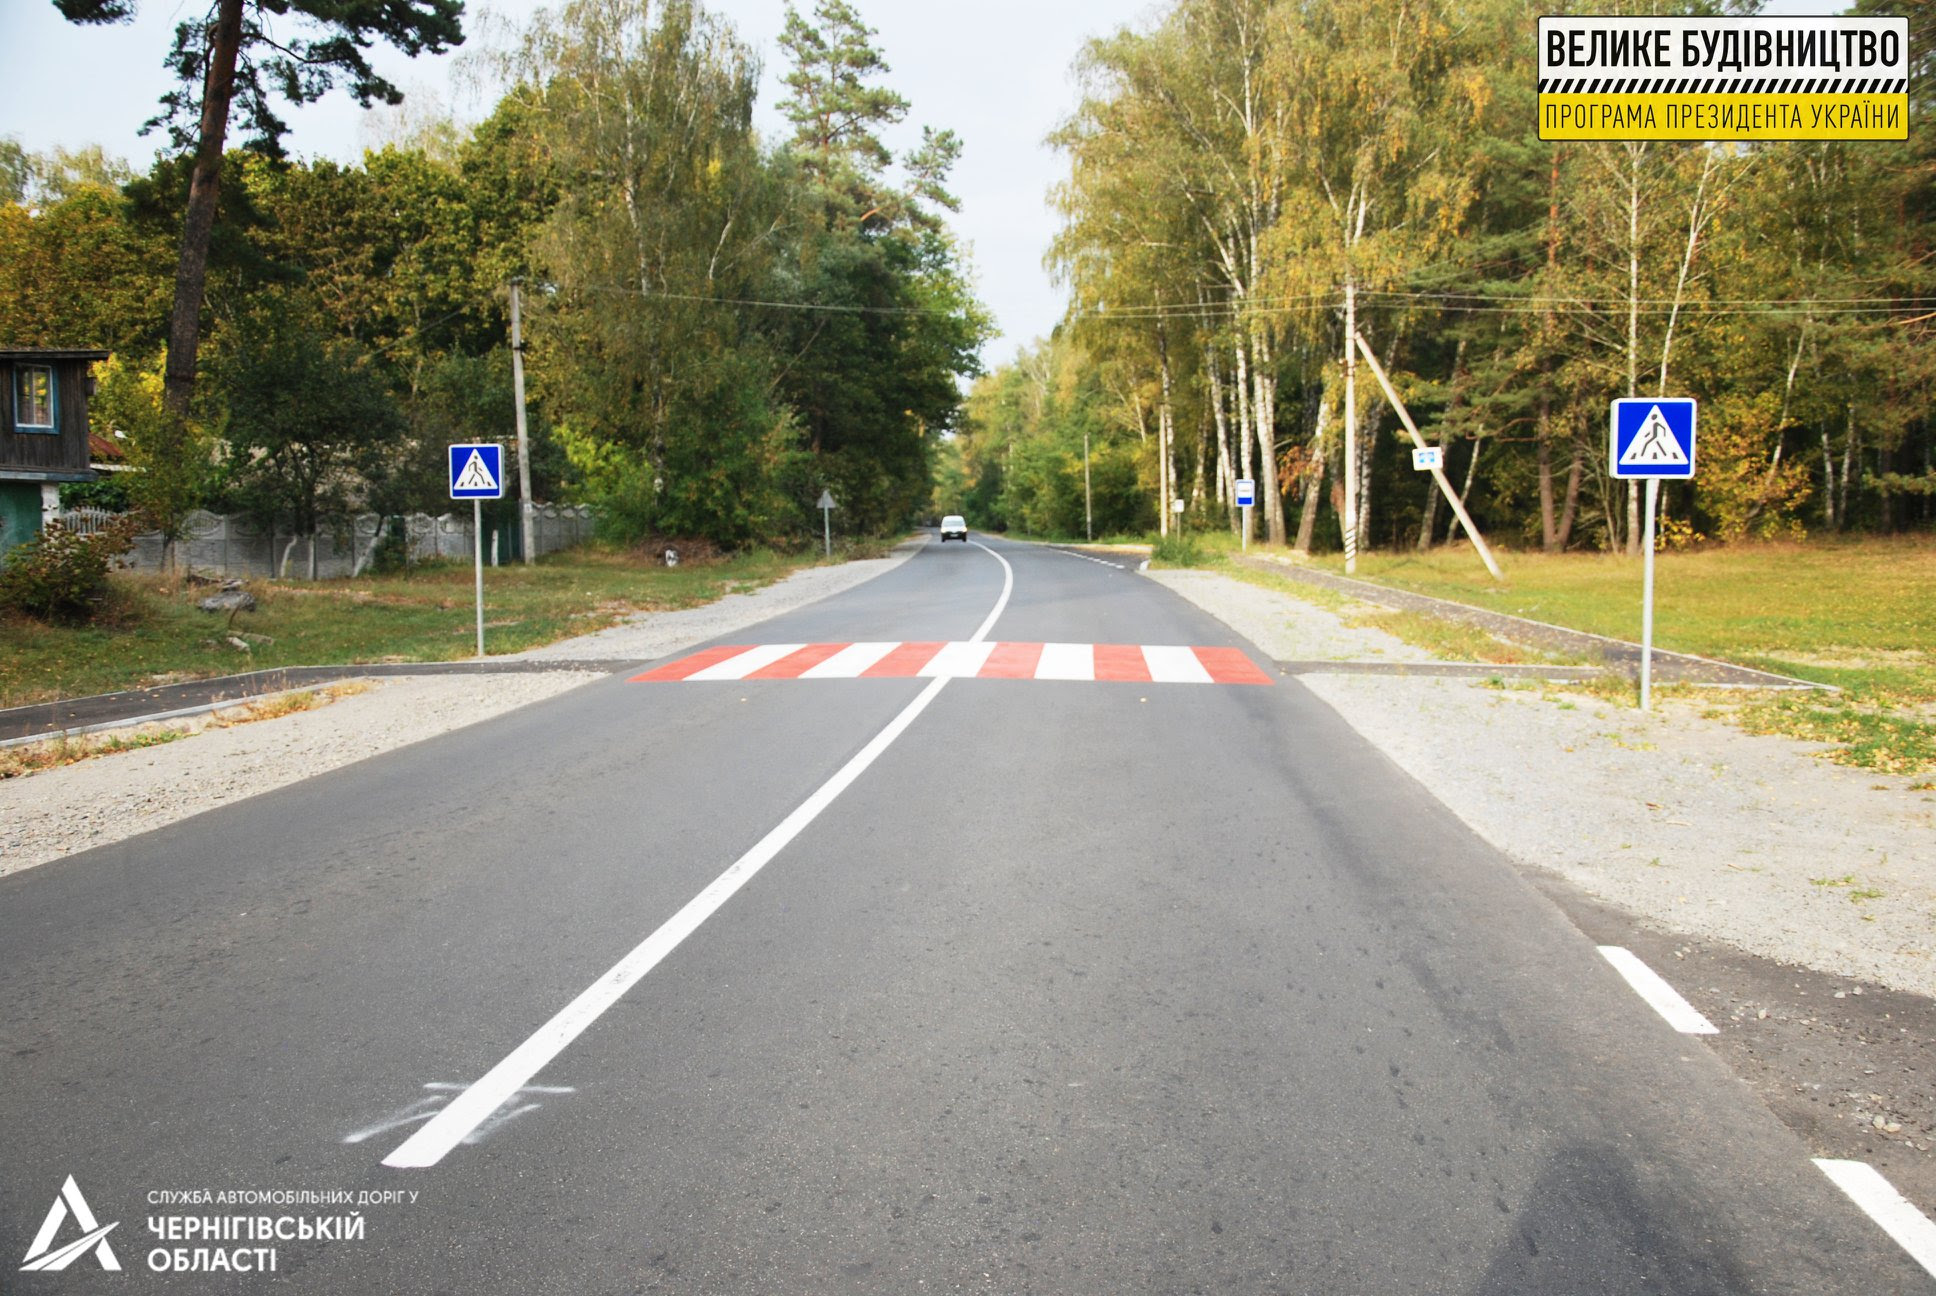 """""""Велике будівництво"""": оновлена дорога між Рогізками та Кучинівкою (Фото)"""